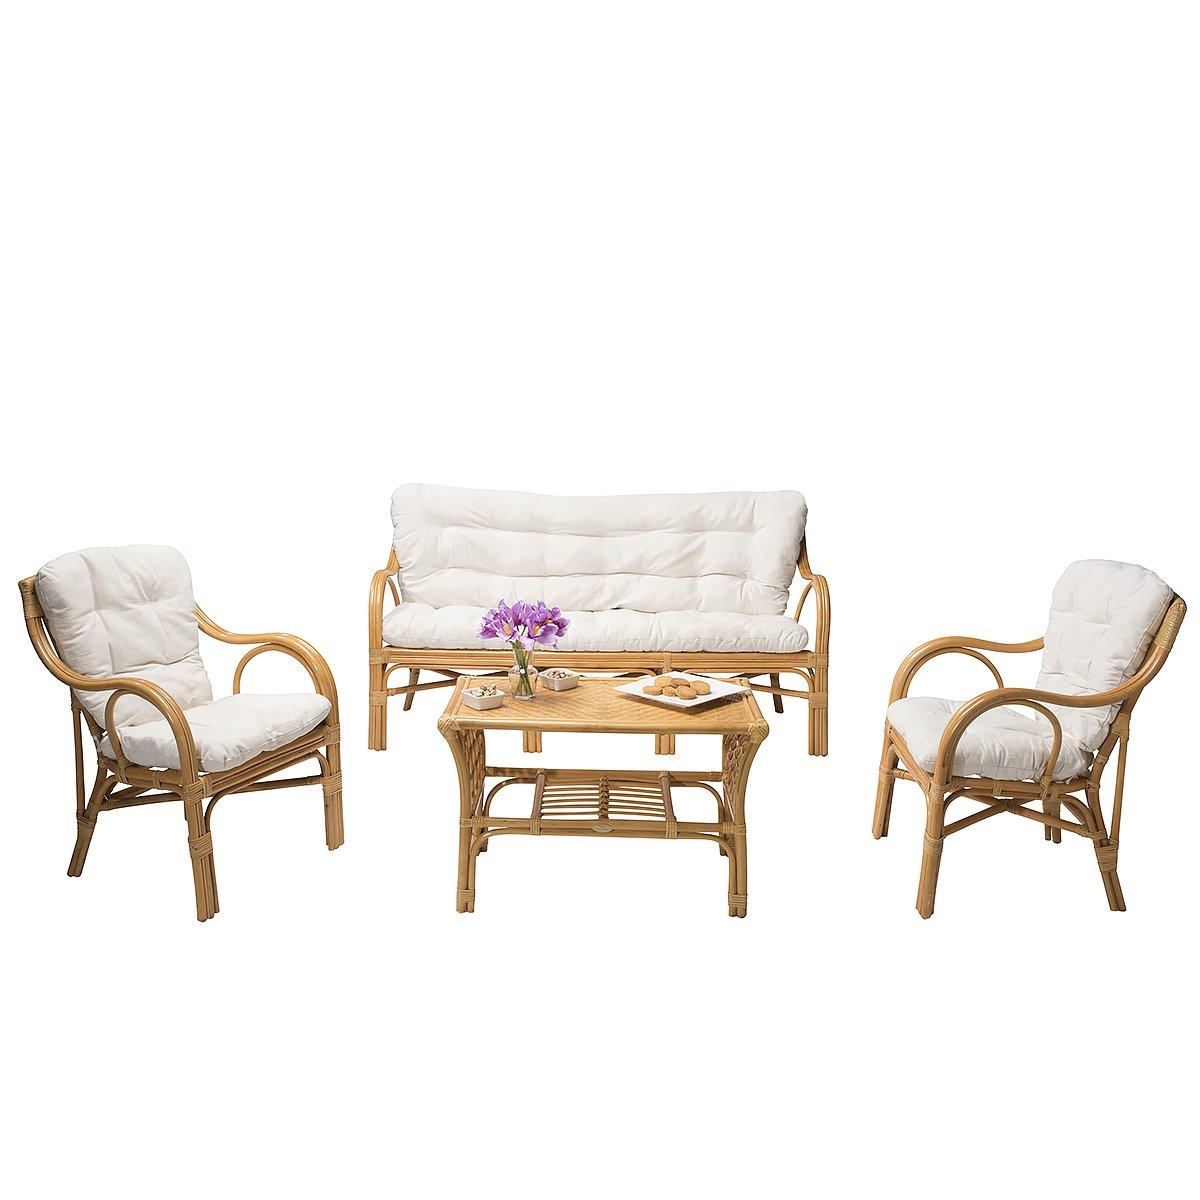 Rattan-Möbel Set ELIM - inkl. Polsterauflagen - Honig/Weiß